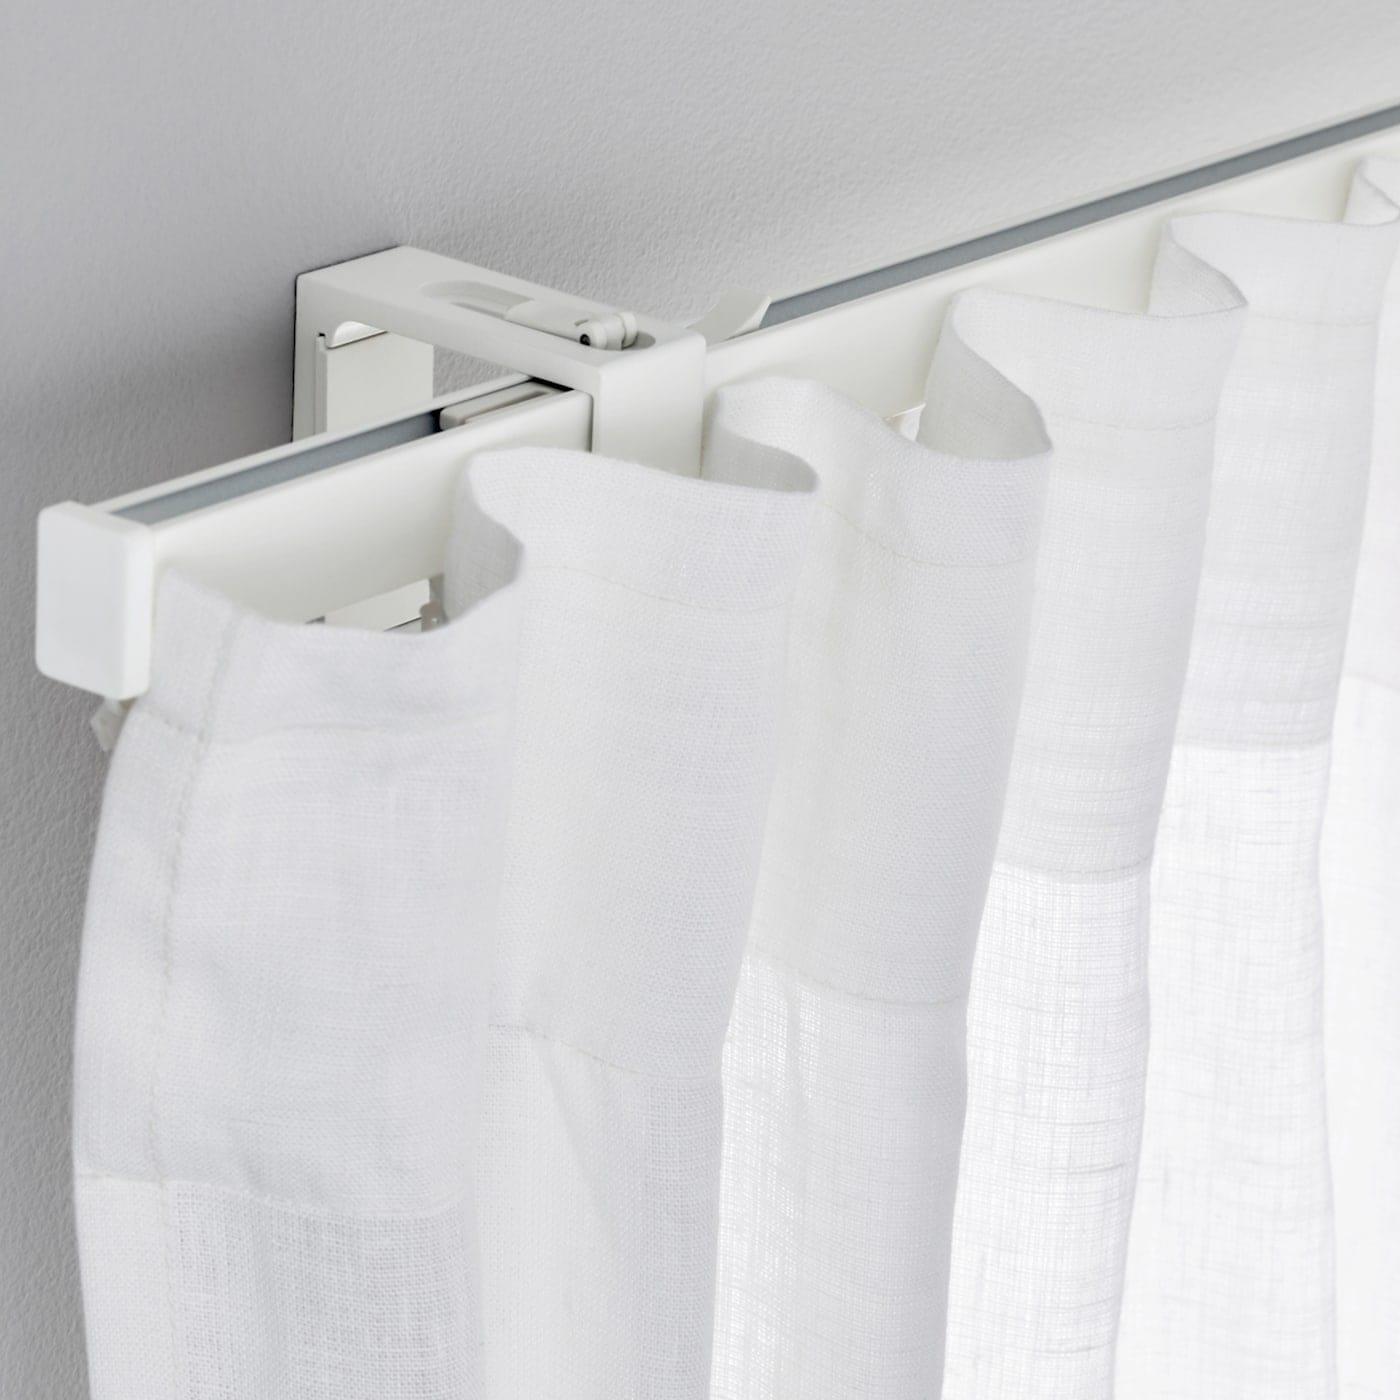 Il binario delle tende a pannello si applica a parete o a soffitto. Binari E Sistemi Per Tende Vigda Ikea Svizzera